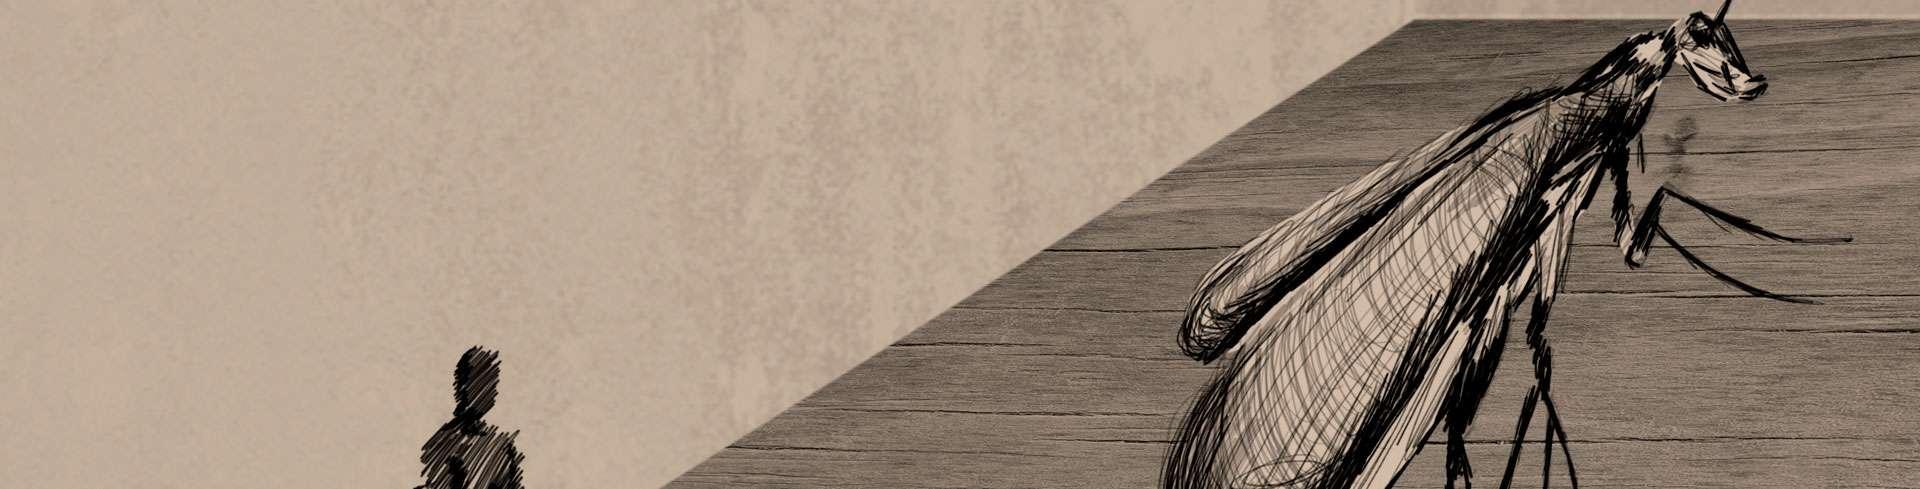 Curso Lo animal y lo humano: un diálogo entre filosofía y literatura